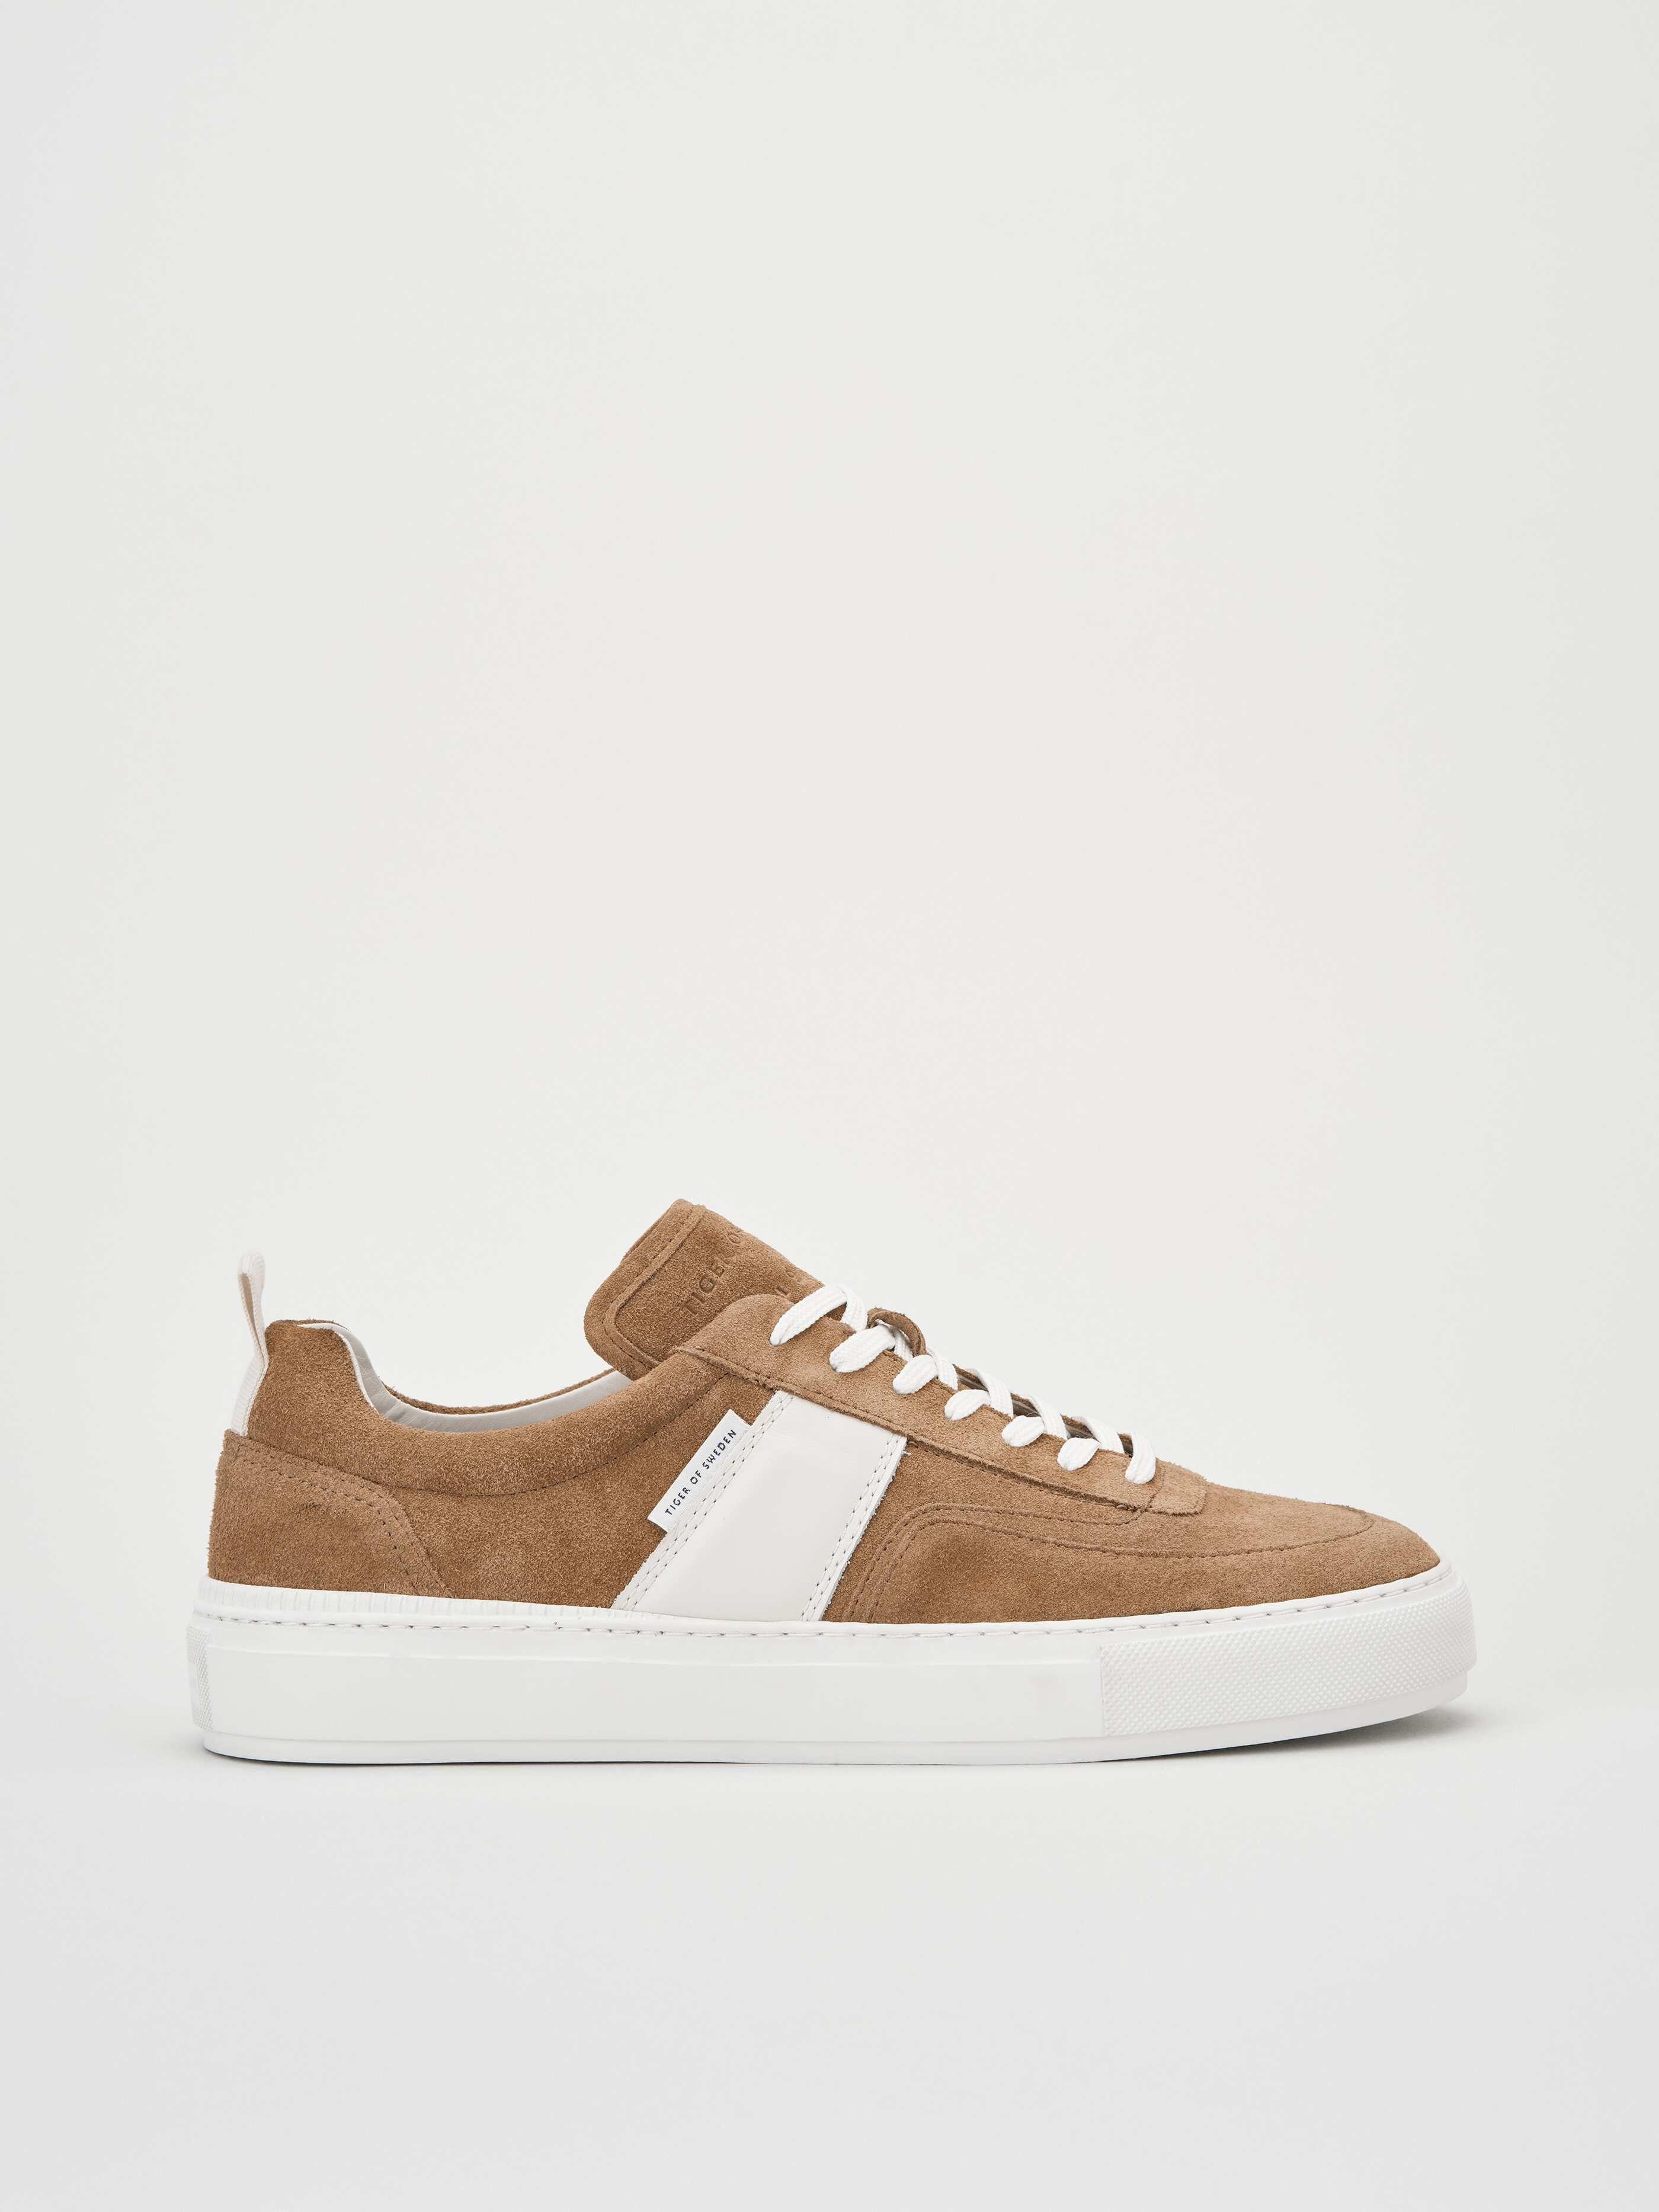 shoes online at Tiger of Sweden